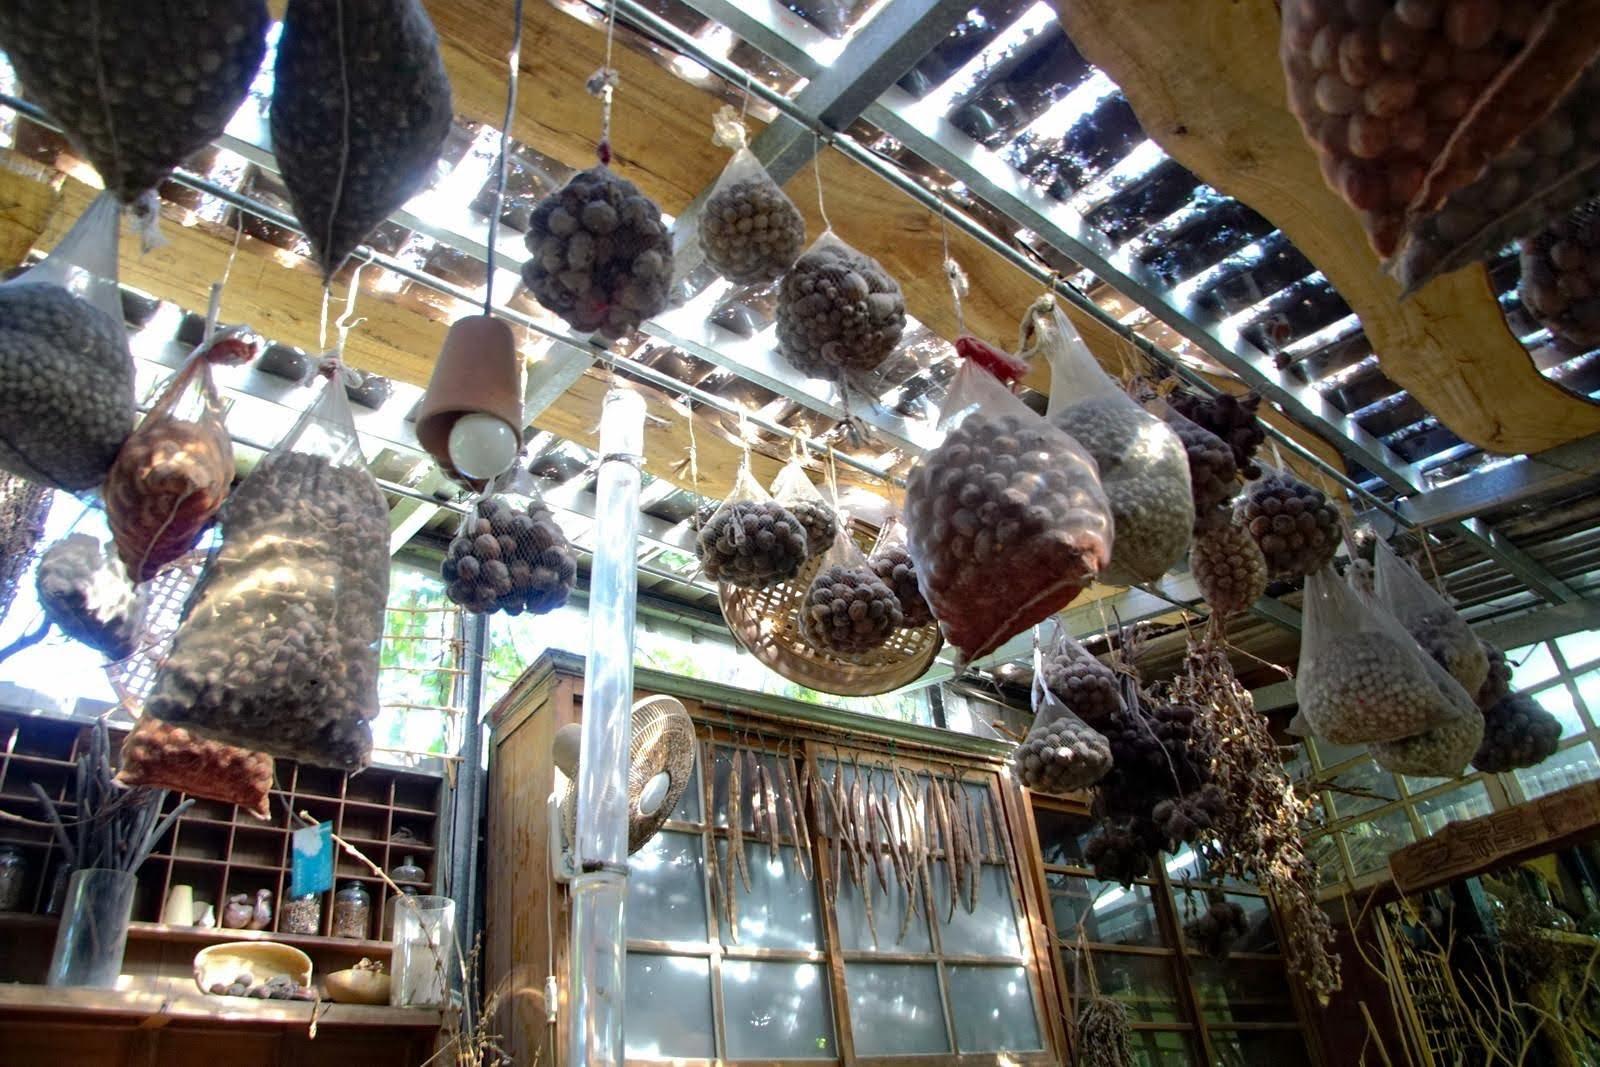 [台南][北區] 千畦種籽舘(千畦種子博物館)|隱身都市的奇幻種子花園|遊記